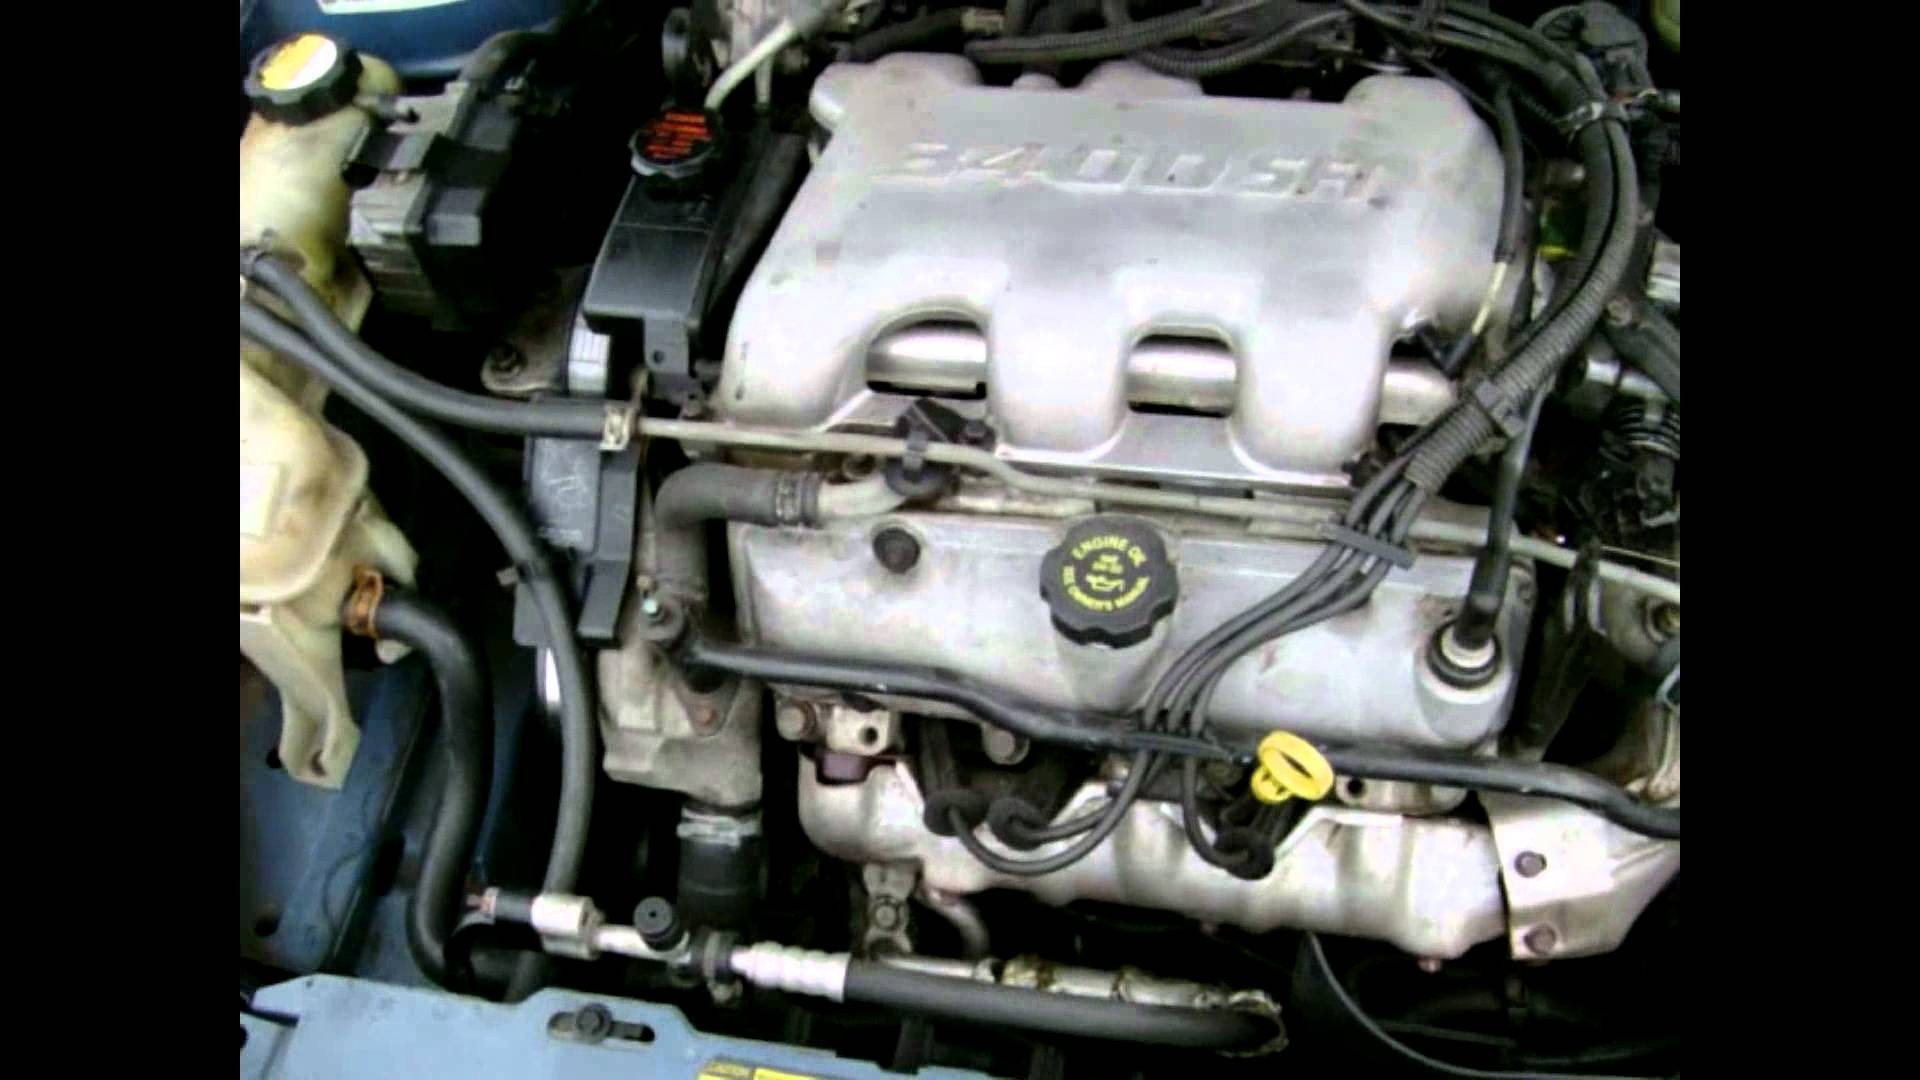 hight resolution of wrg 1669 2002 pontiac grand am 3 4l engine diagram2002 pontiac grand am 3 4l